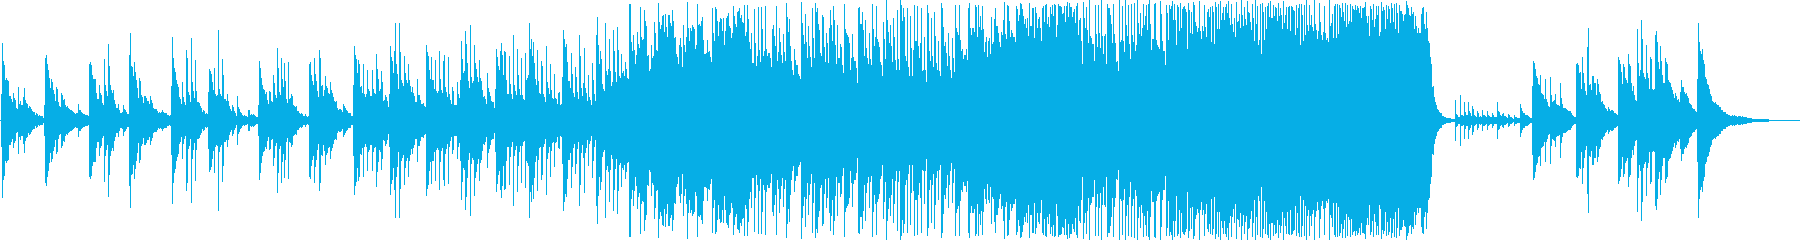 除夜の鐘のイメージでアンビエントな曲の再生済みの波形